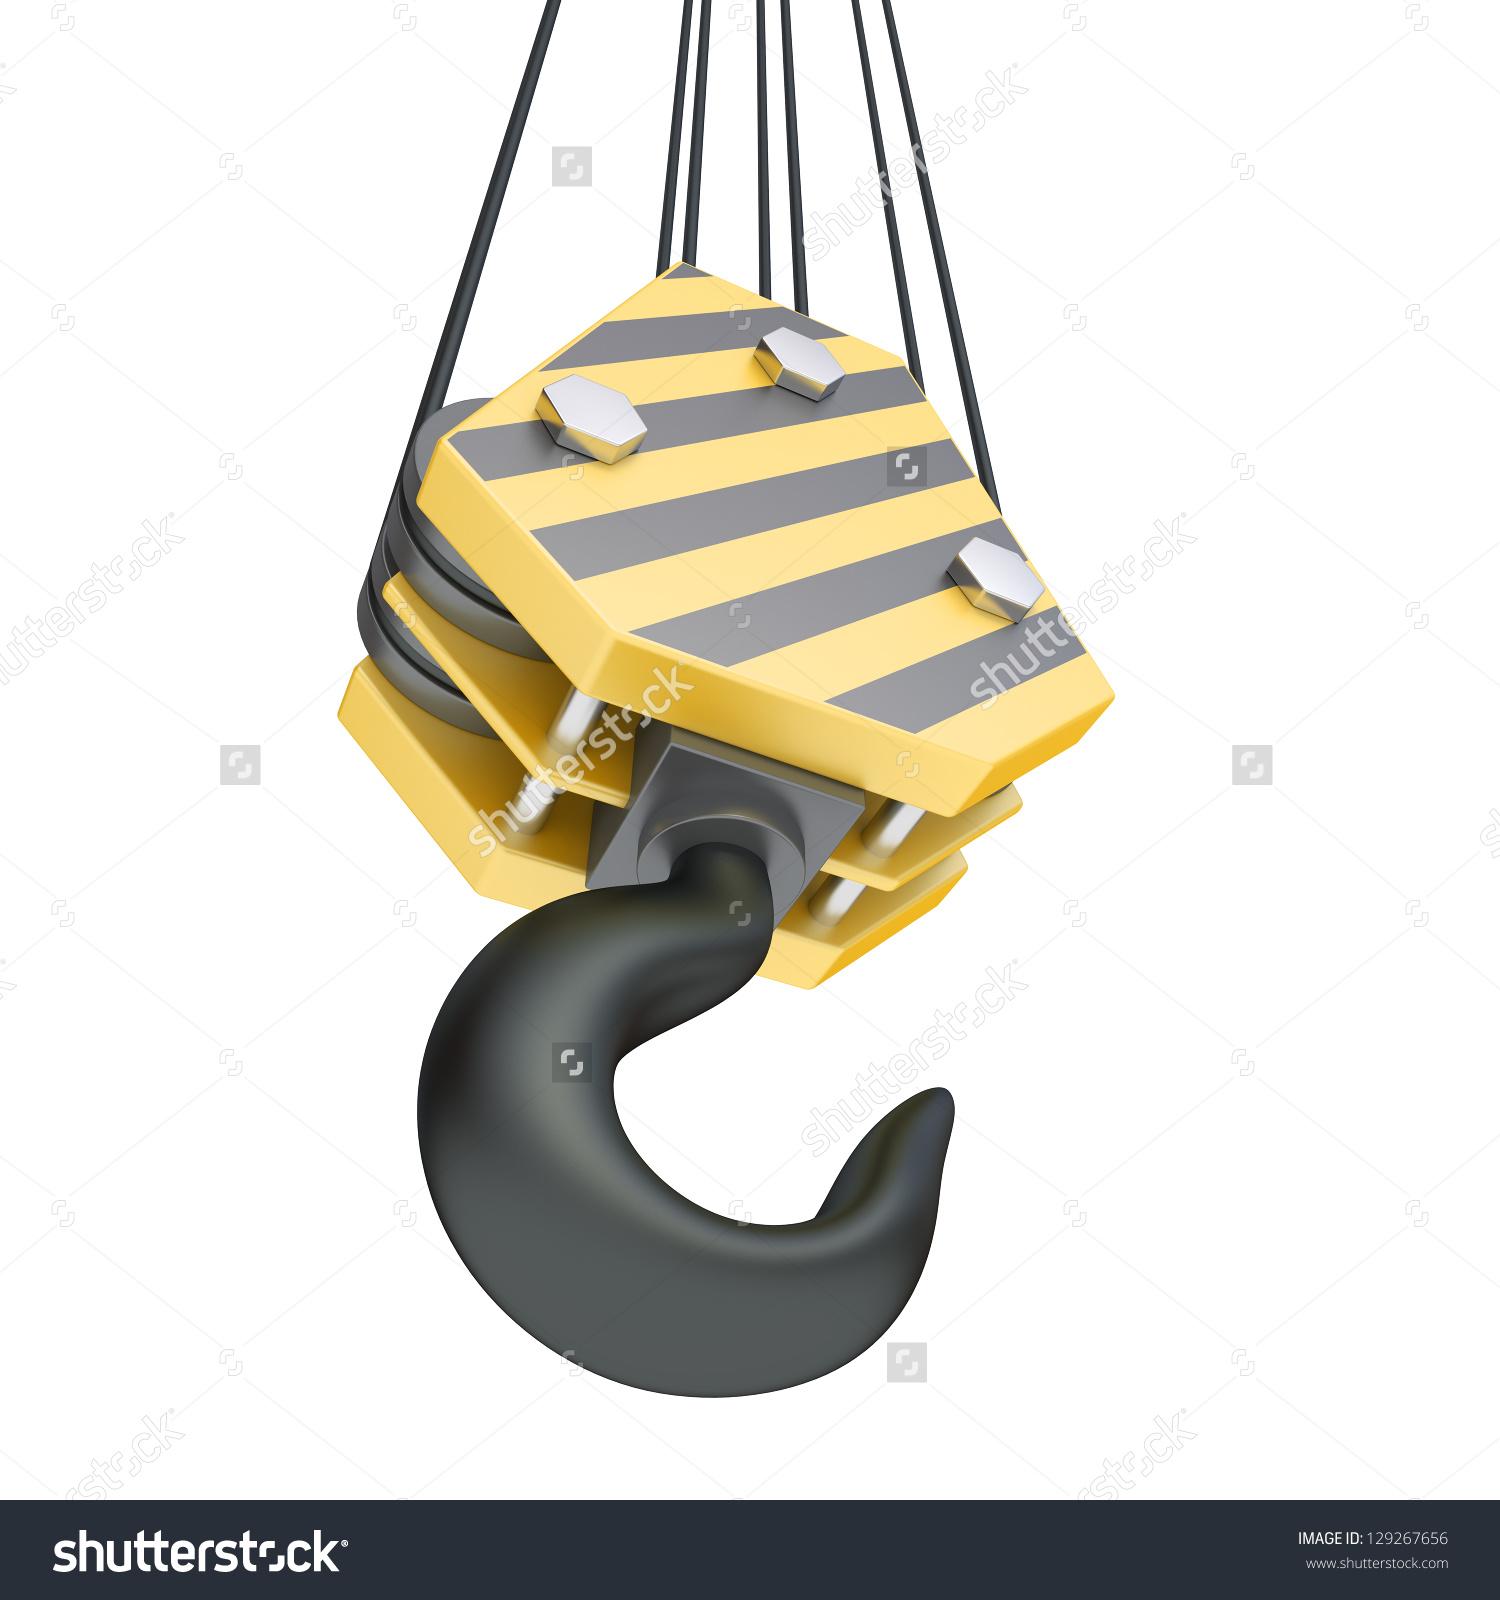 Crane Hook On White Background Stock Illustration 129267656.